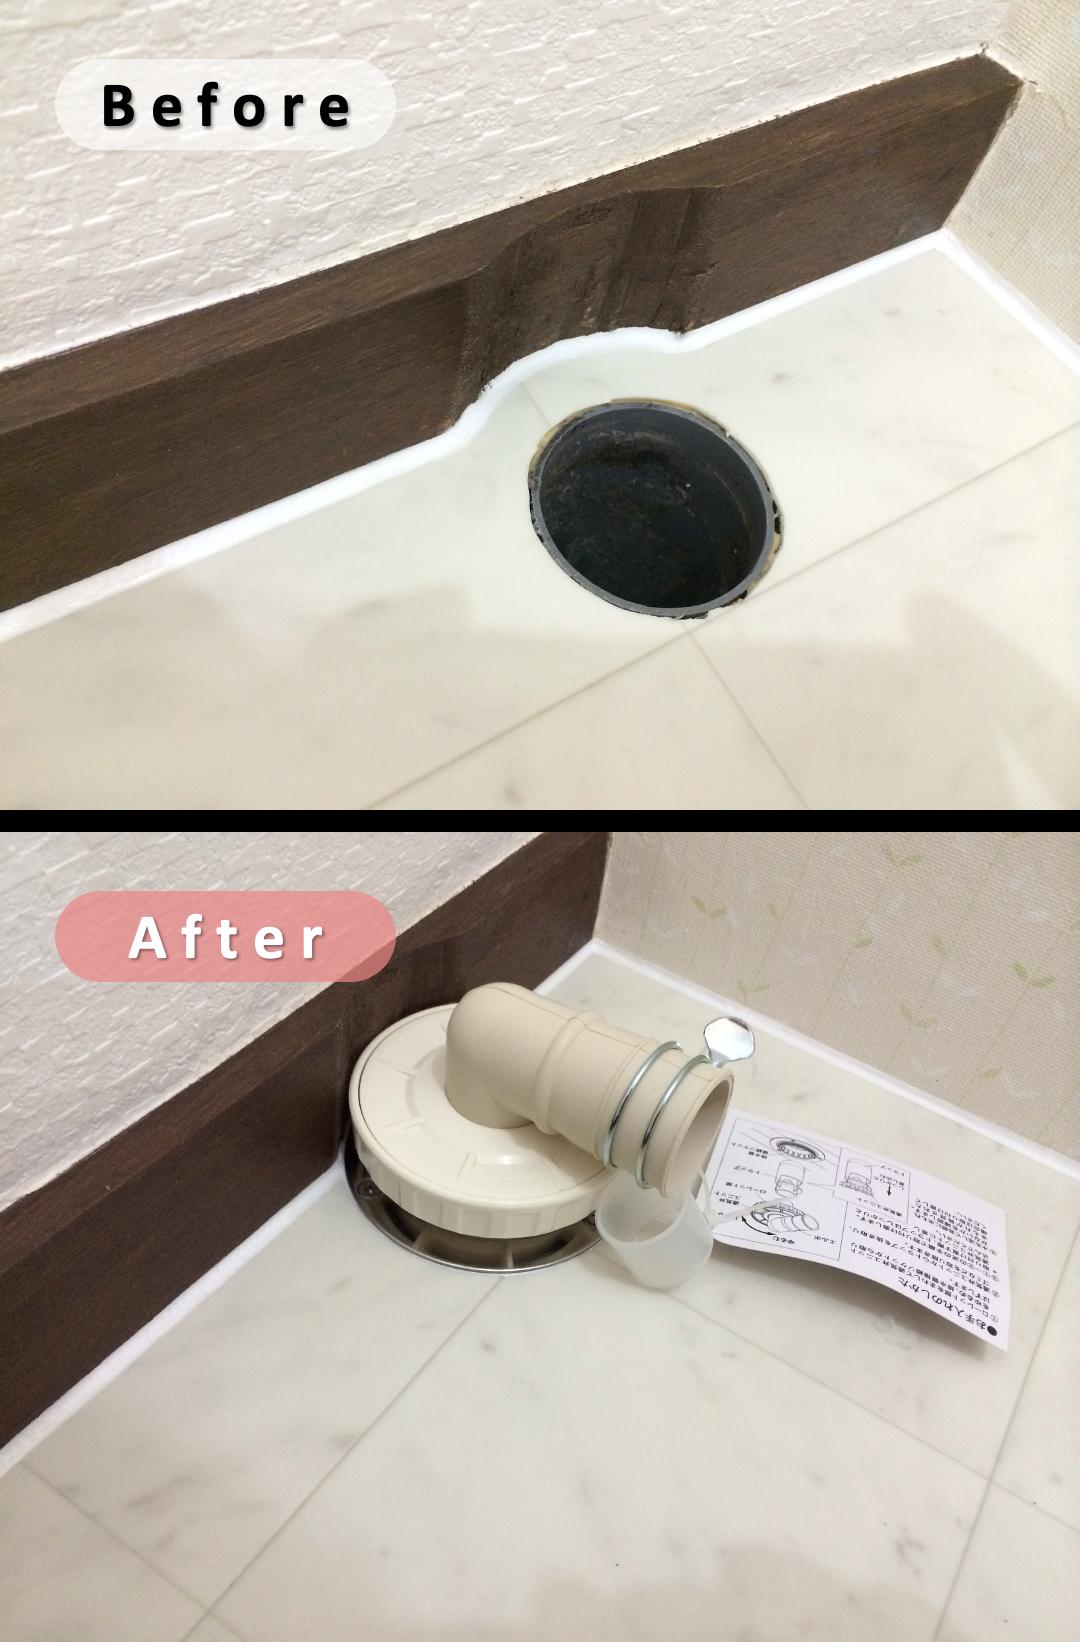 カクダイ 洗濯機用排水トラップ をdiyで取り付けリフォームする方法